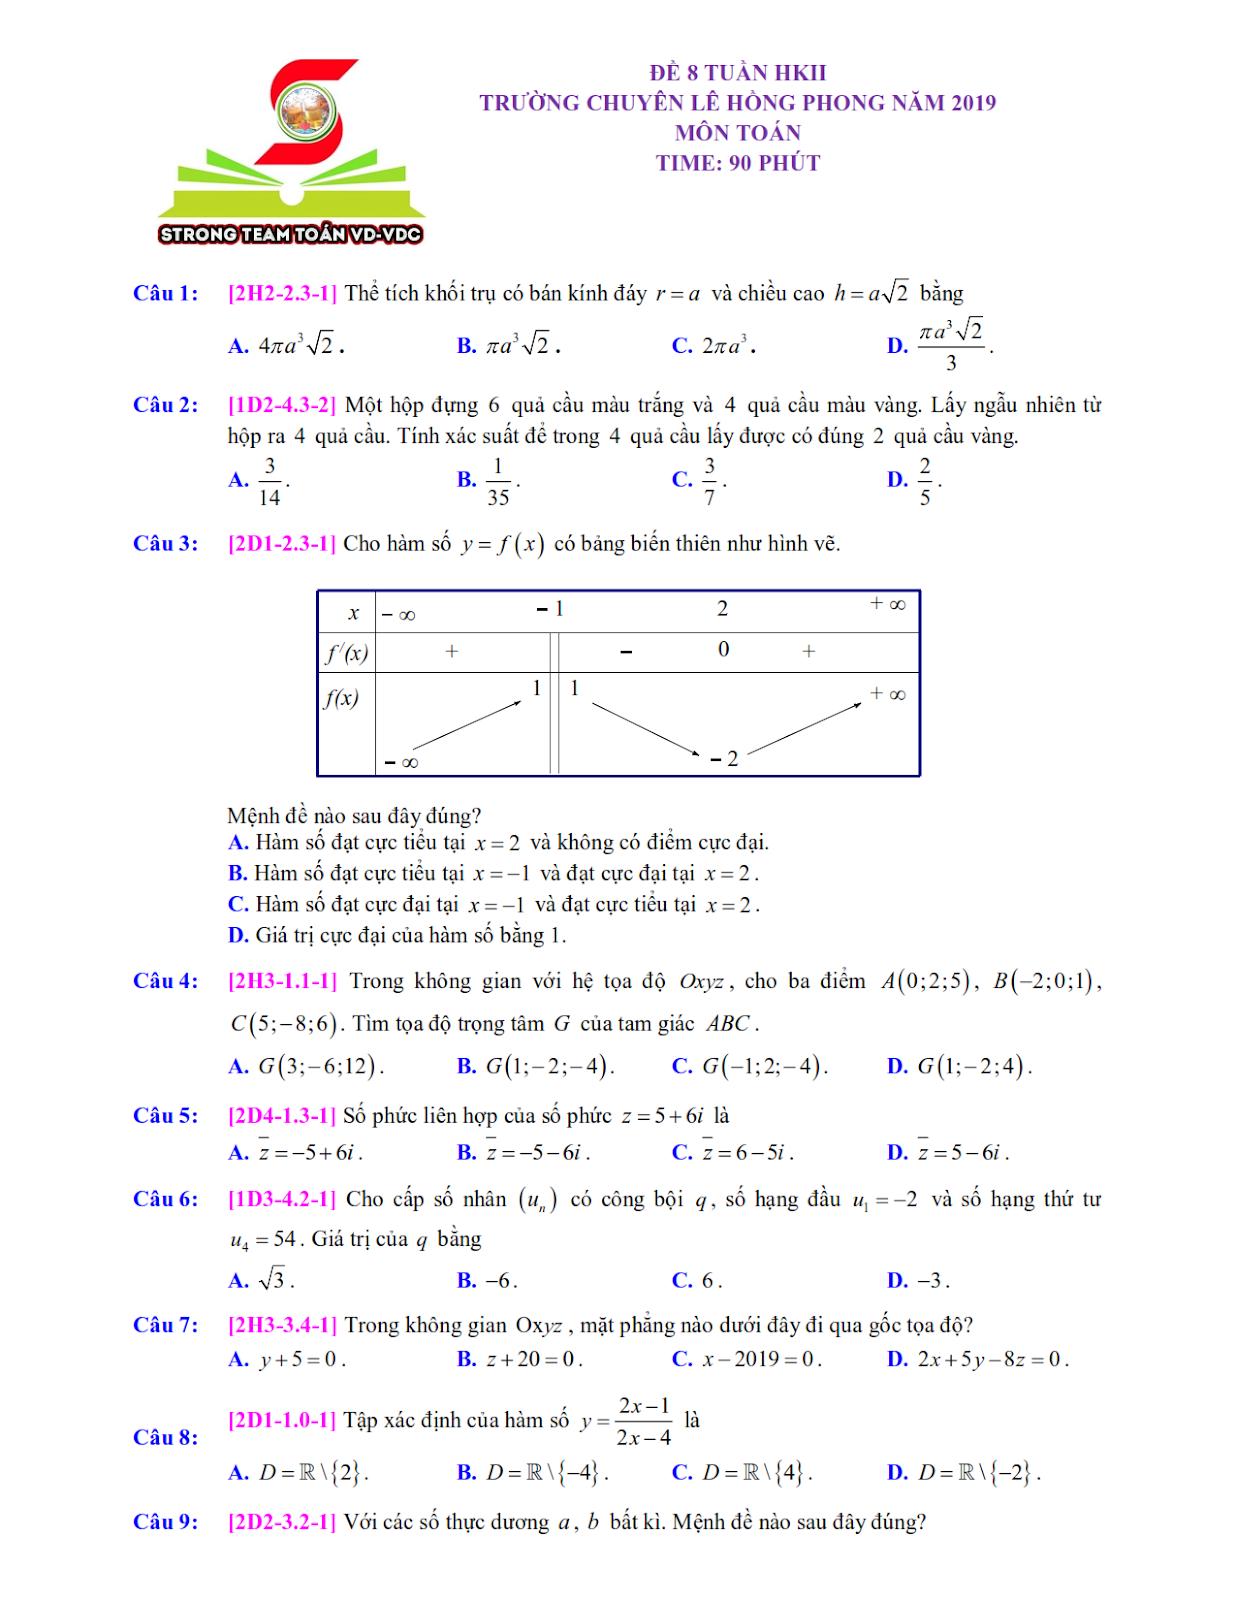 đề trắc nghiệm môn toán lần 5 nhóm STRONG TEAM TOÁN VD - VDC trang 1